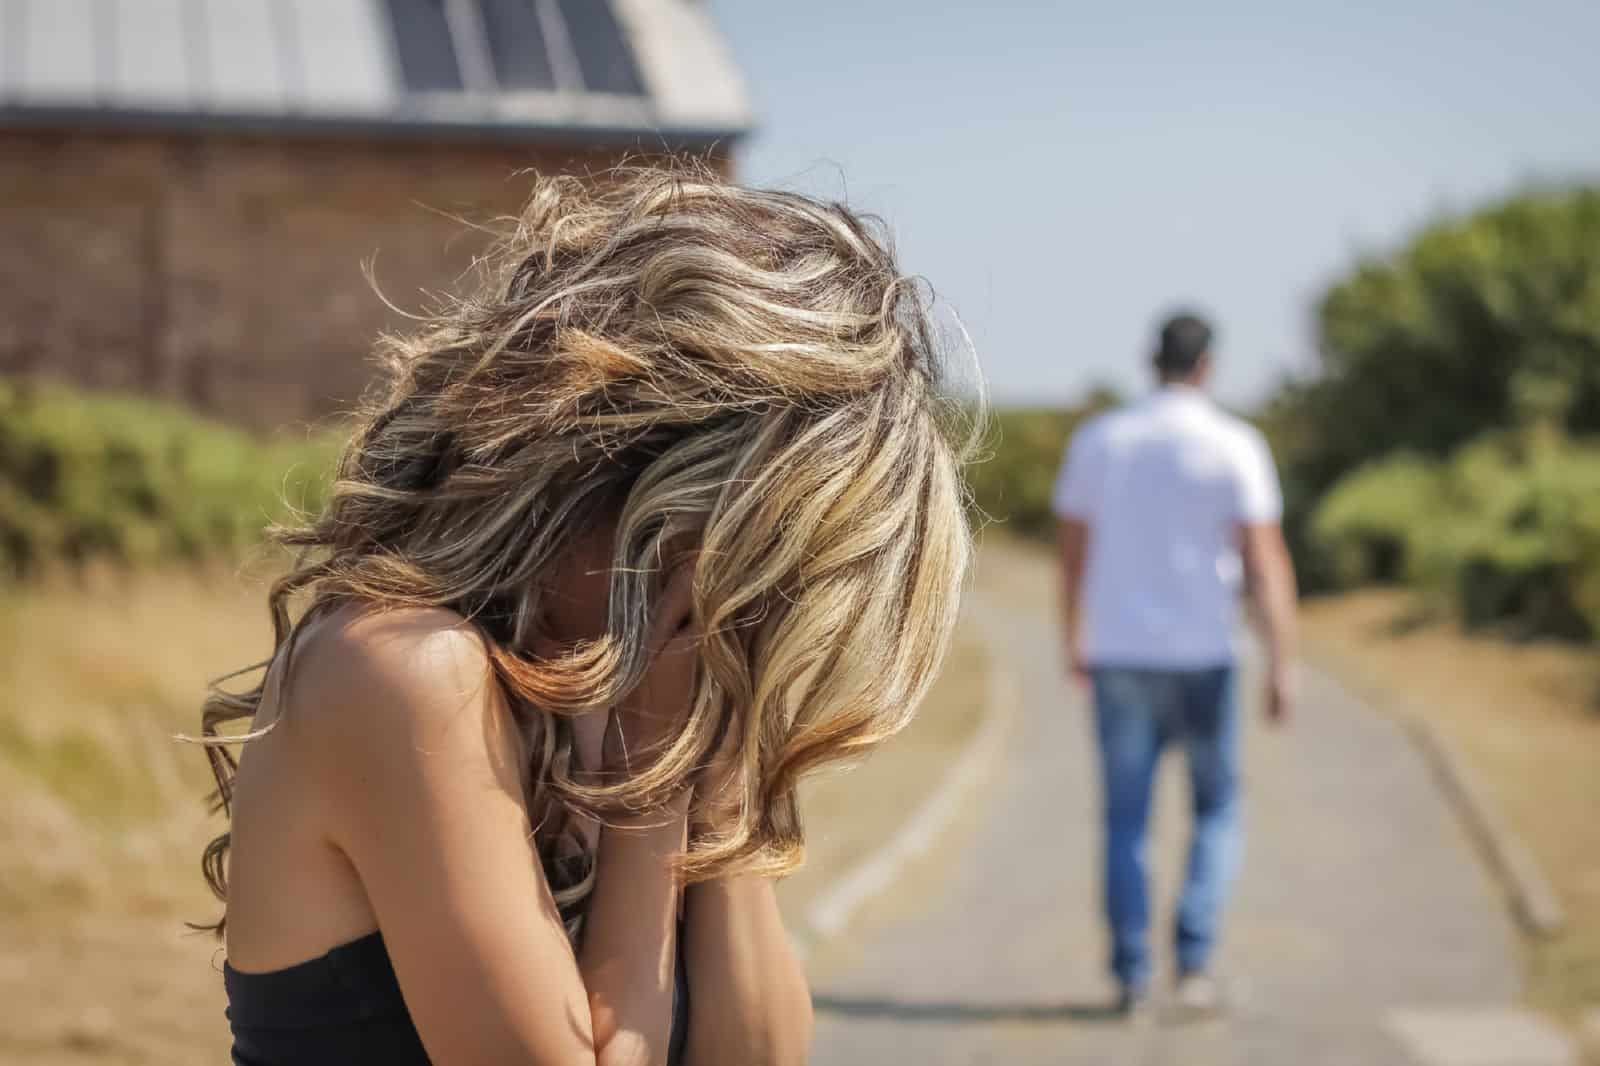 депрессия после разрыва отношений